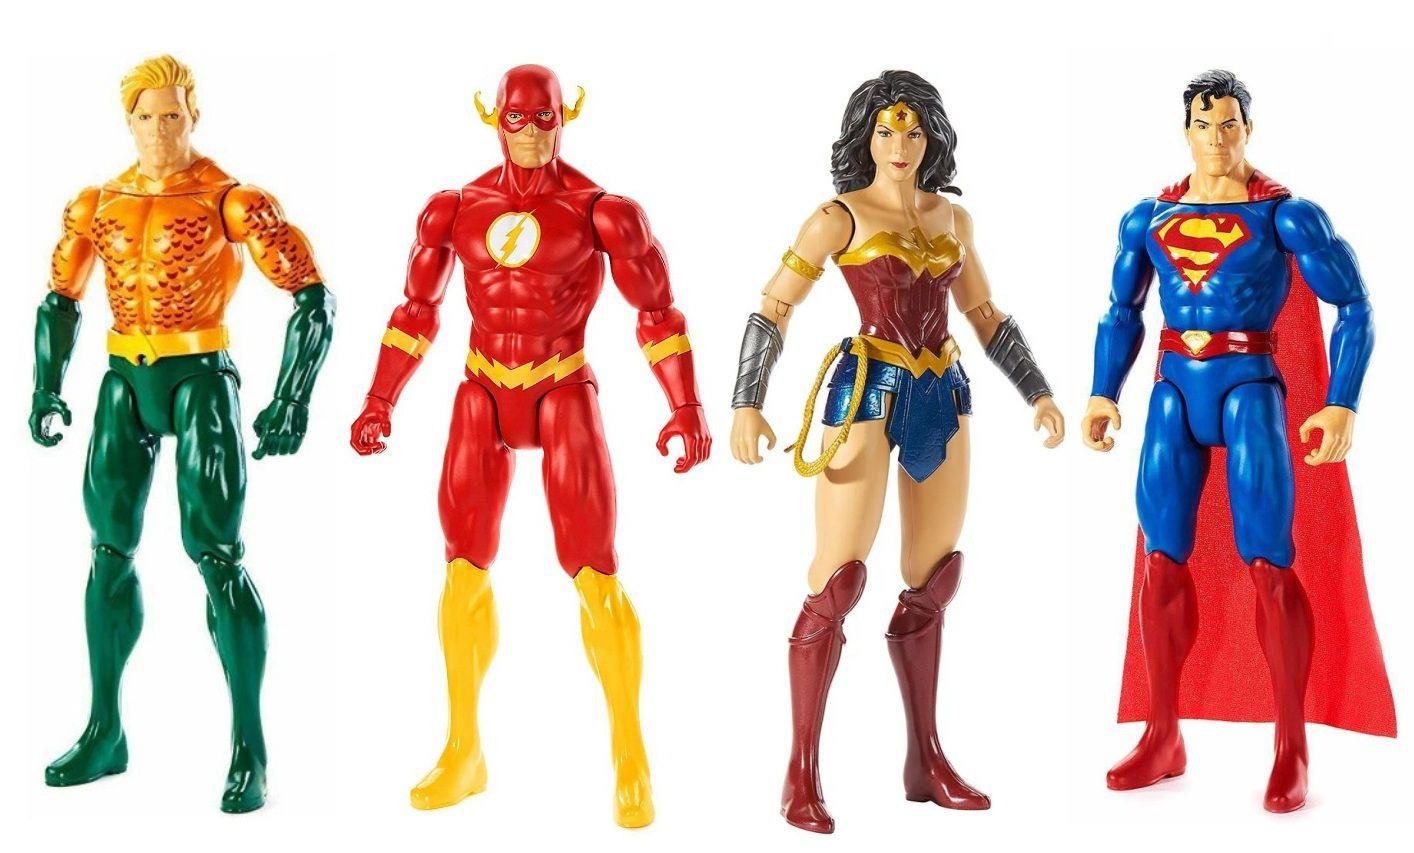 Boneco Articulado Liga da Justiça DC Verdadeiros Movimentos - Mattel